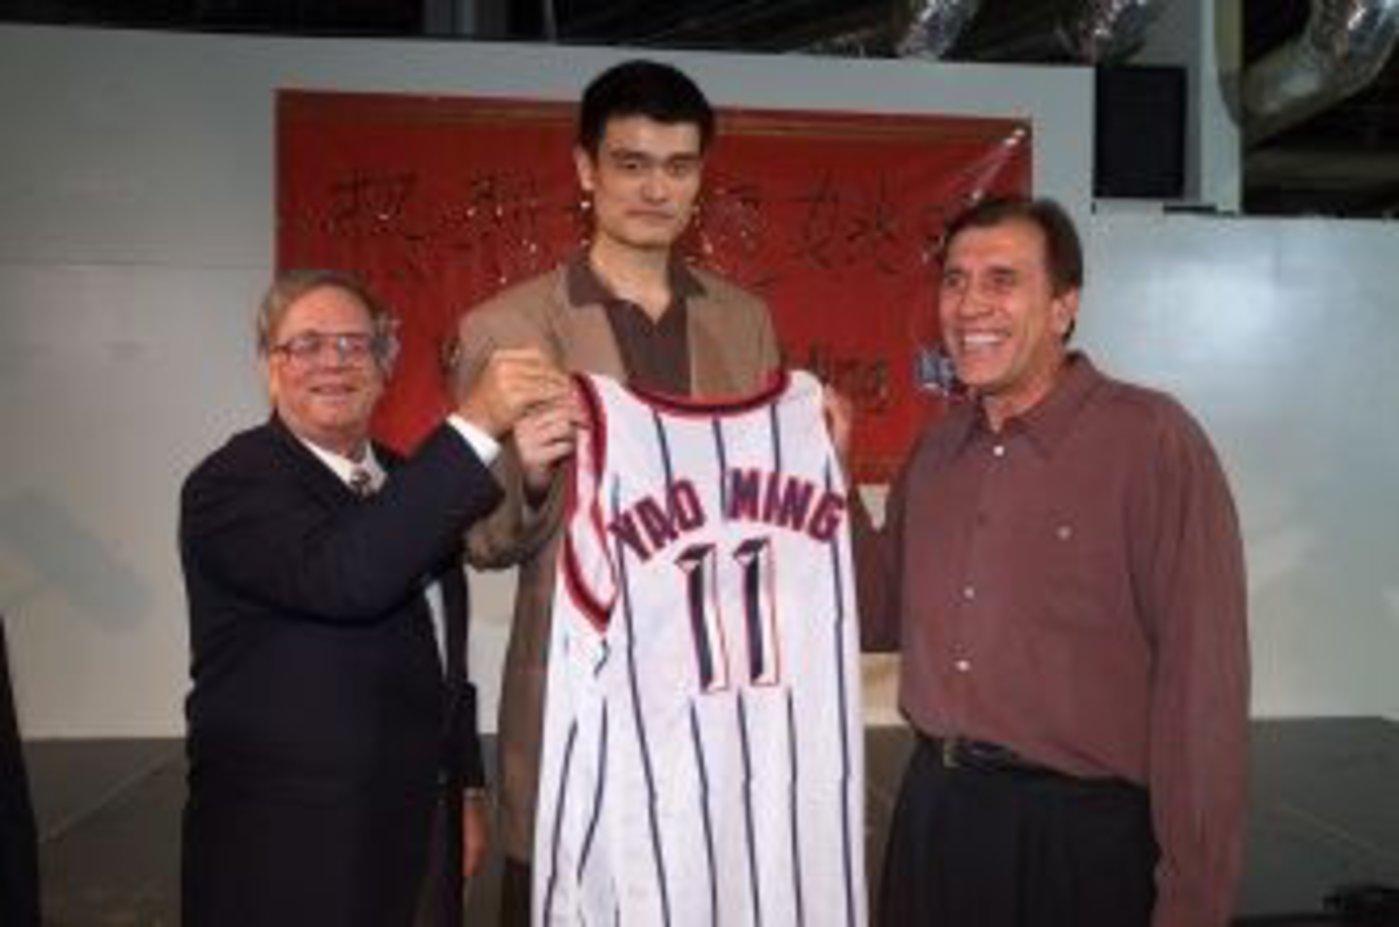 姚明2002年被休斯顿火箭队选中